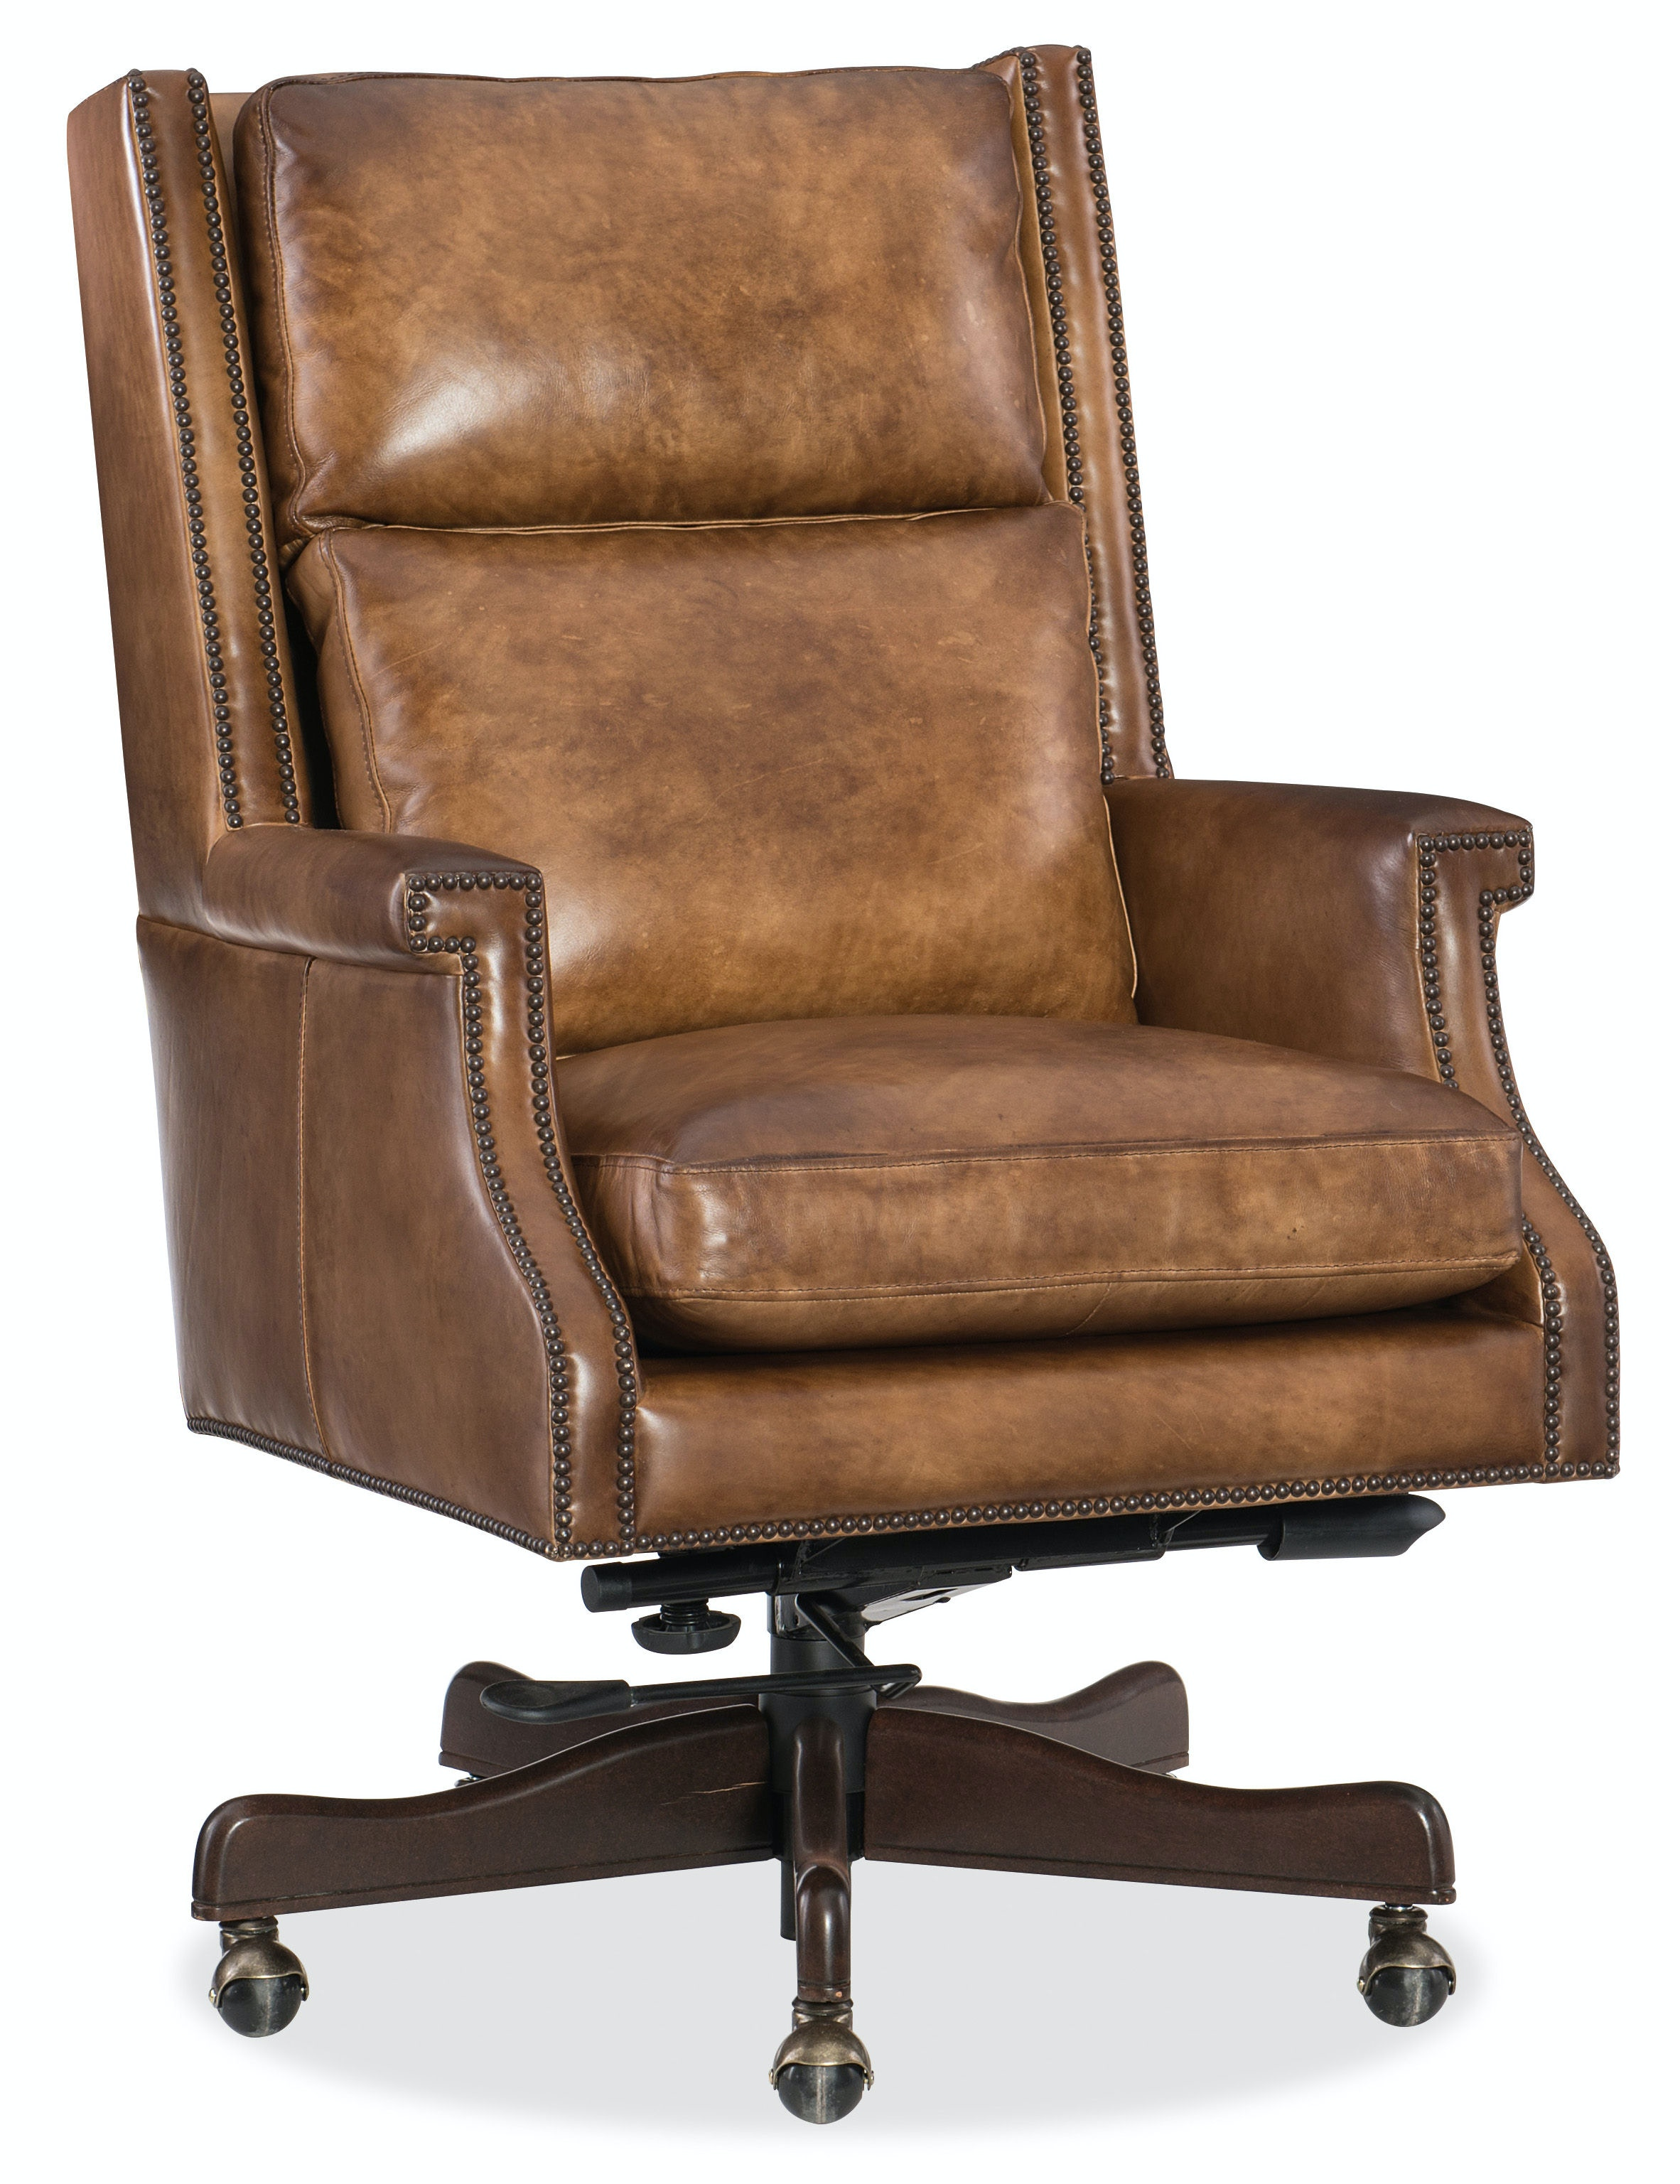 Superb Hooker Furniture Beckett Home Office Chair EC562 083